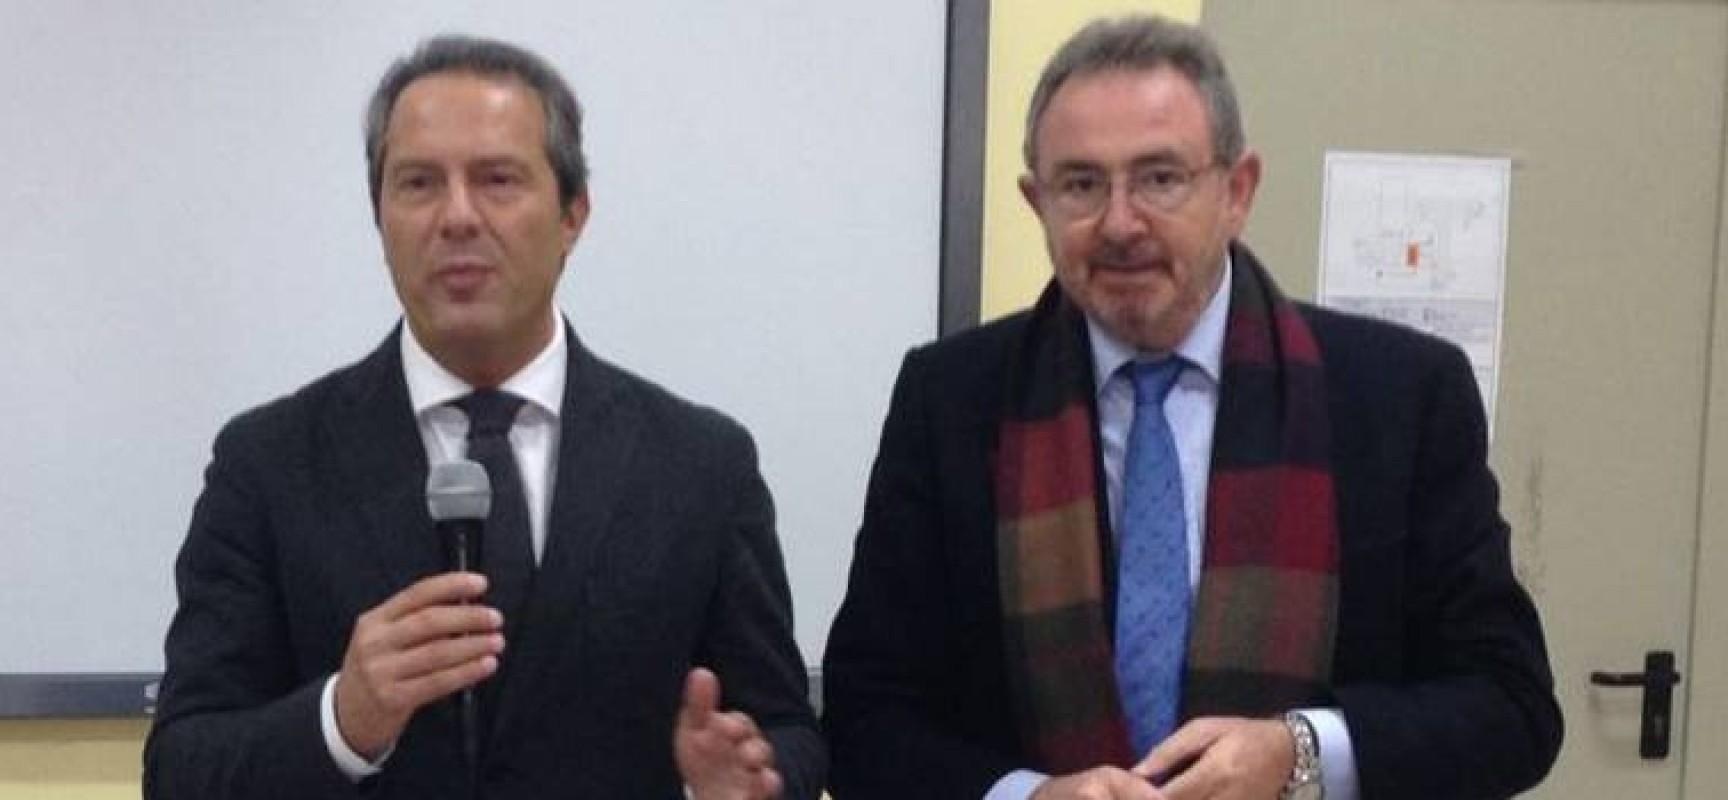 Provincia, prof. Luciano Gigante nominato consulente programmazione rete scolastica e gestione edilizia